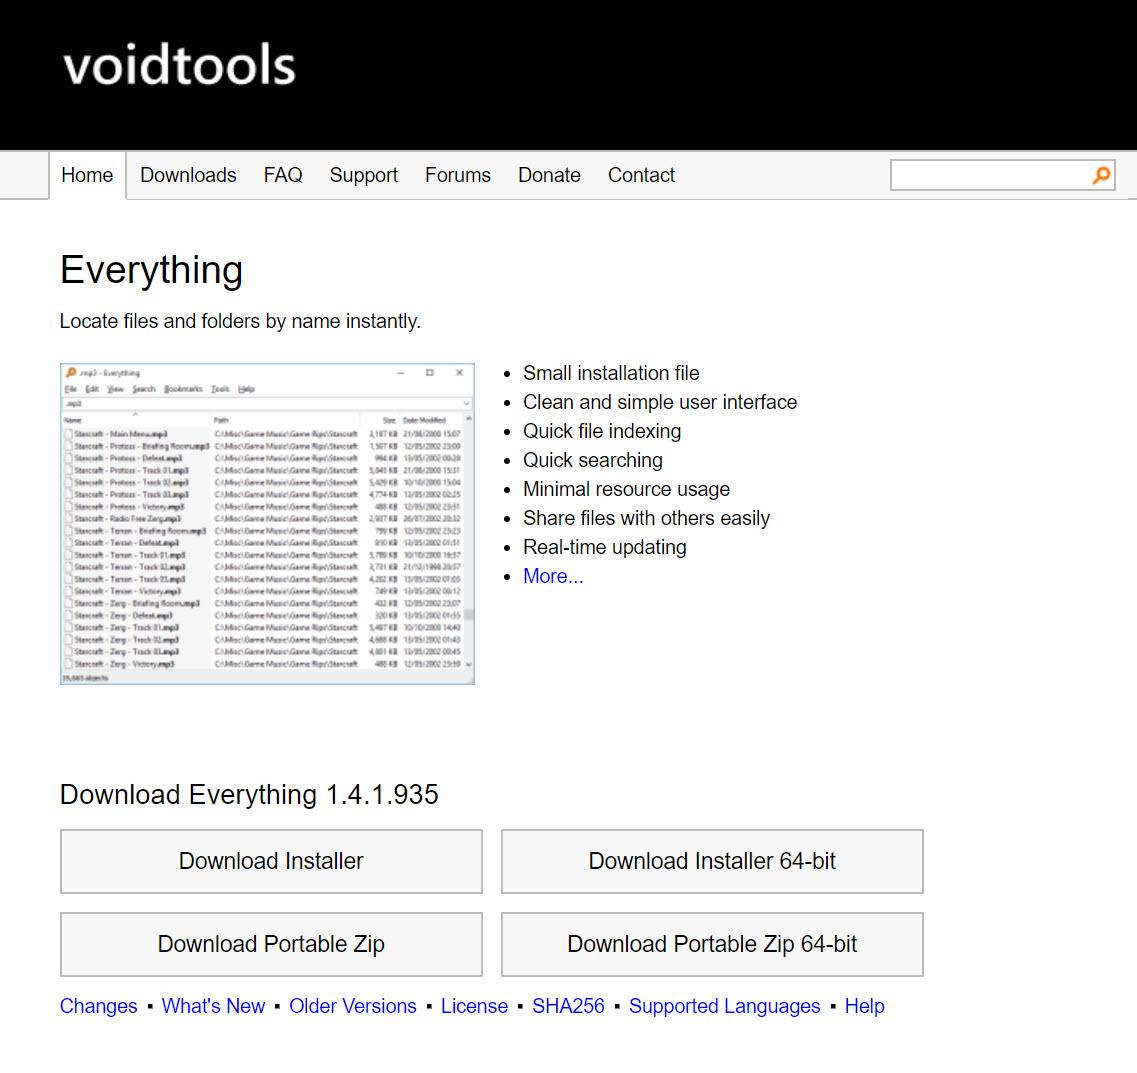 【Windows 必裝軟體】Everything──讓 Windows 也有像 Mac 的 Spotlight 搜尋功能